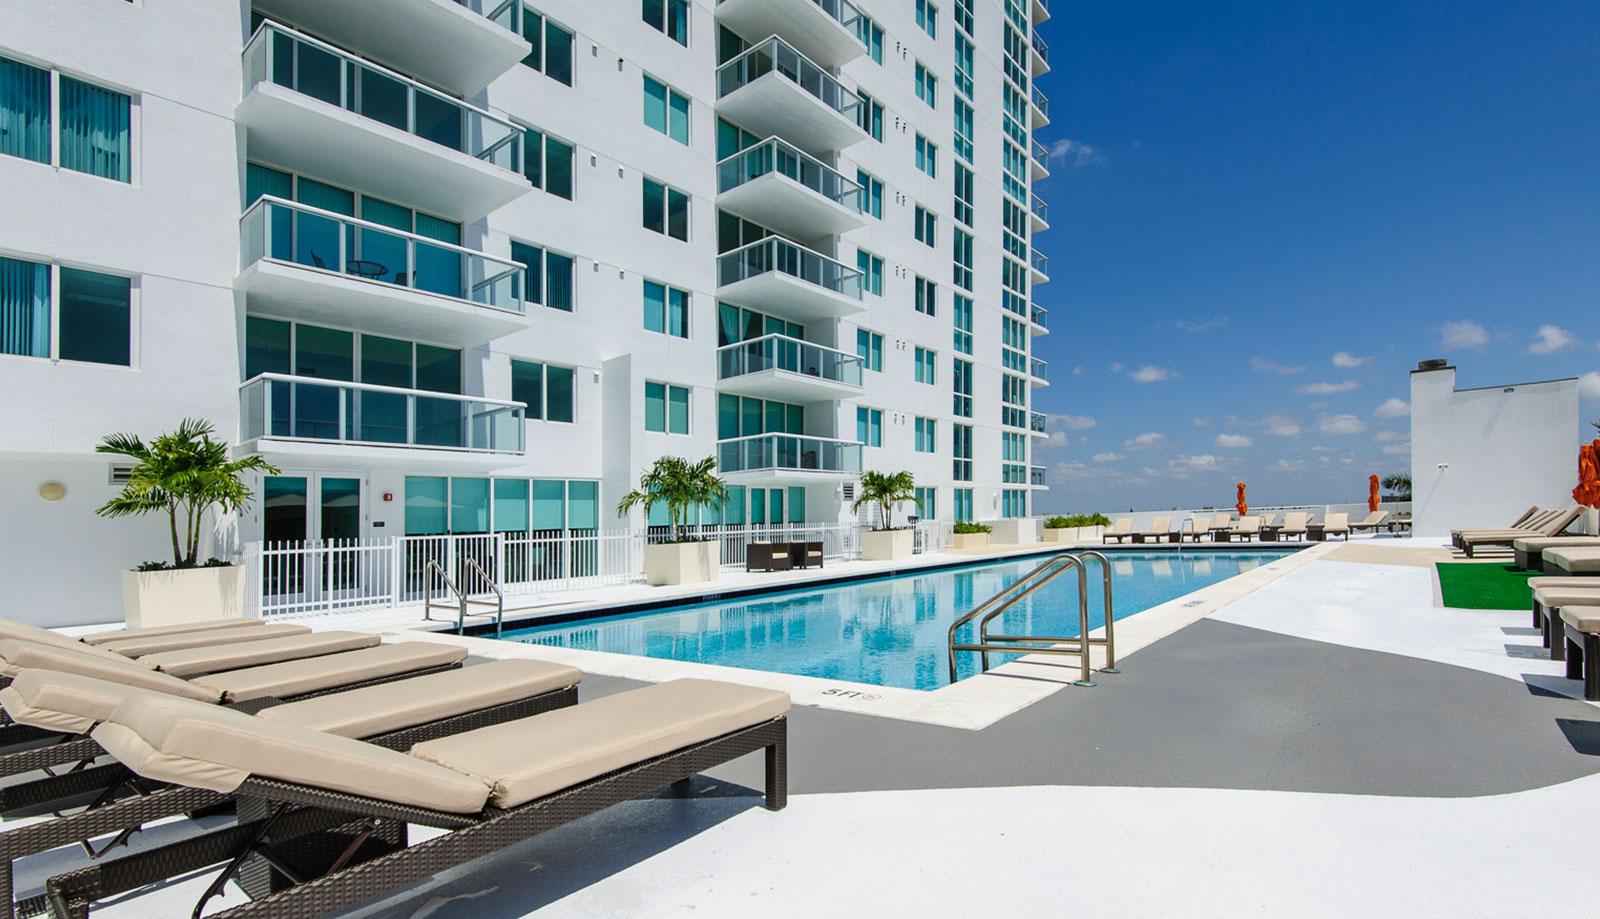 Terrazas Miami